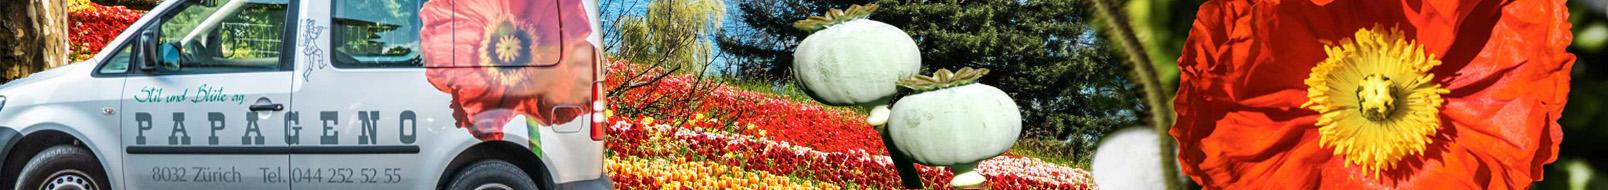 Blumen-Papageno